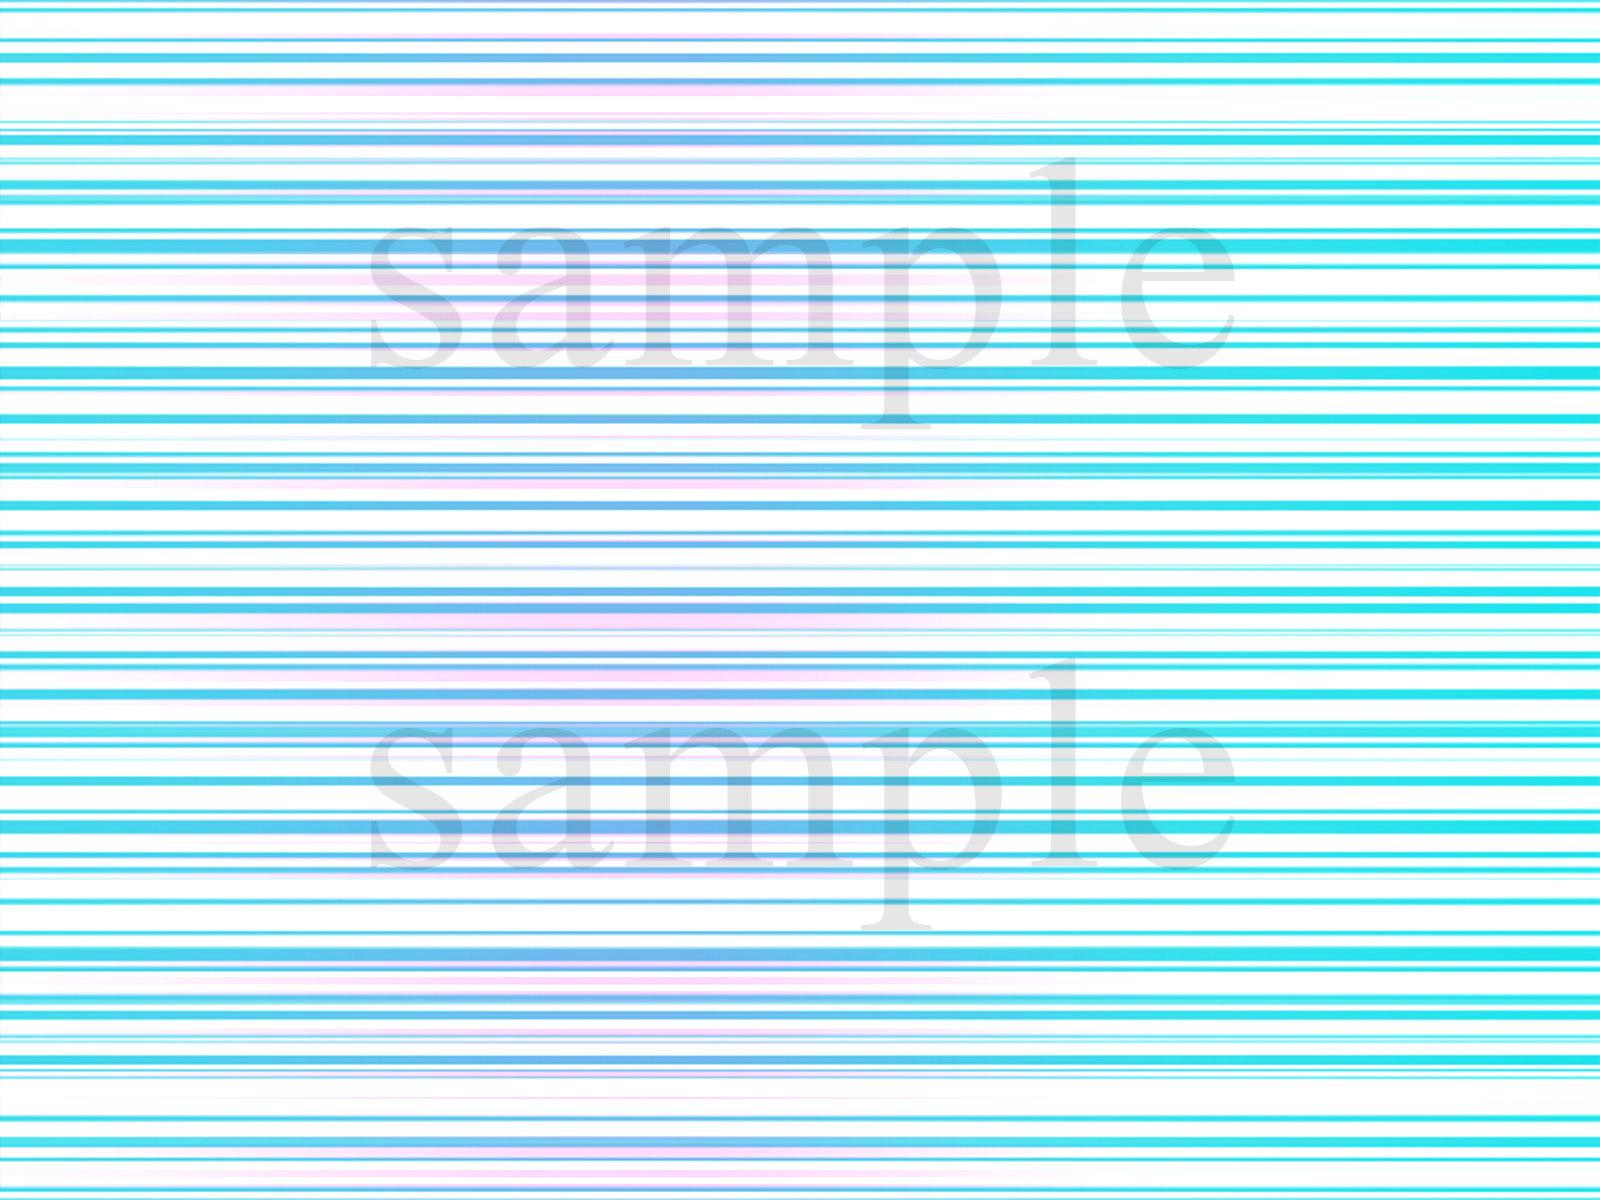 サンプル画像3:著作権フリー画像素材「スピード線背景 Vol.2」(ティービースター) [d_190380]